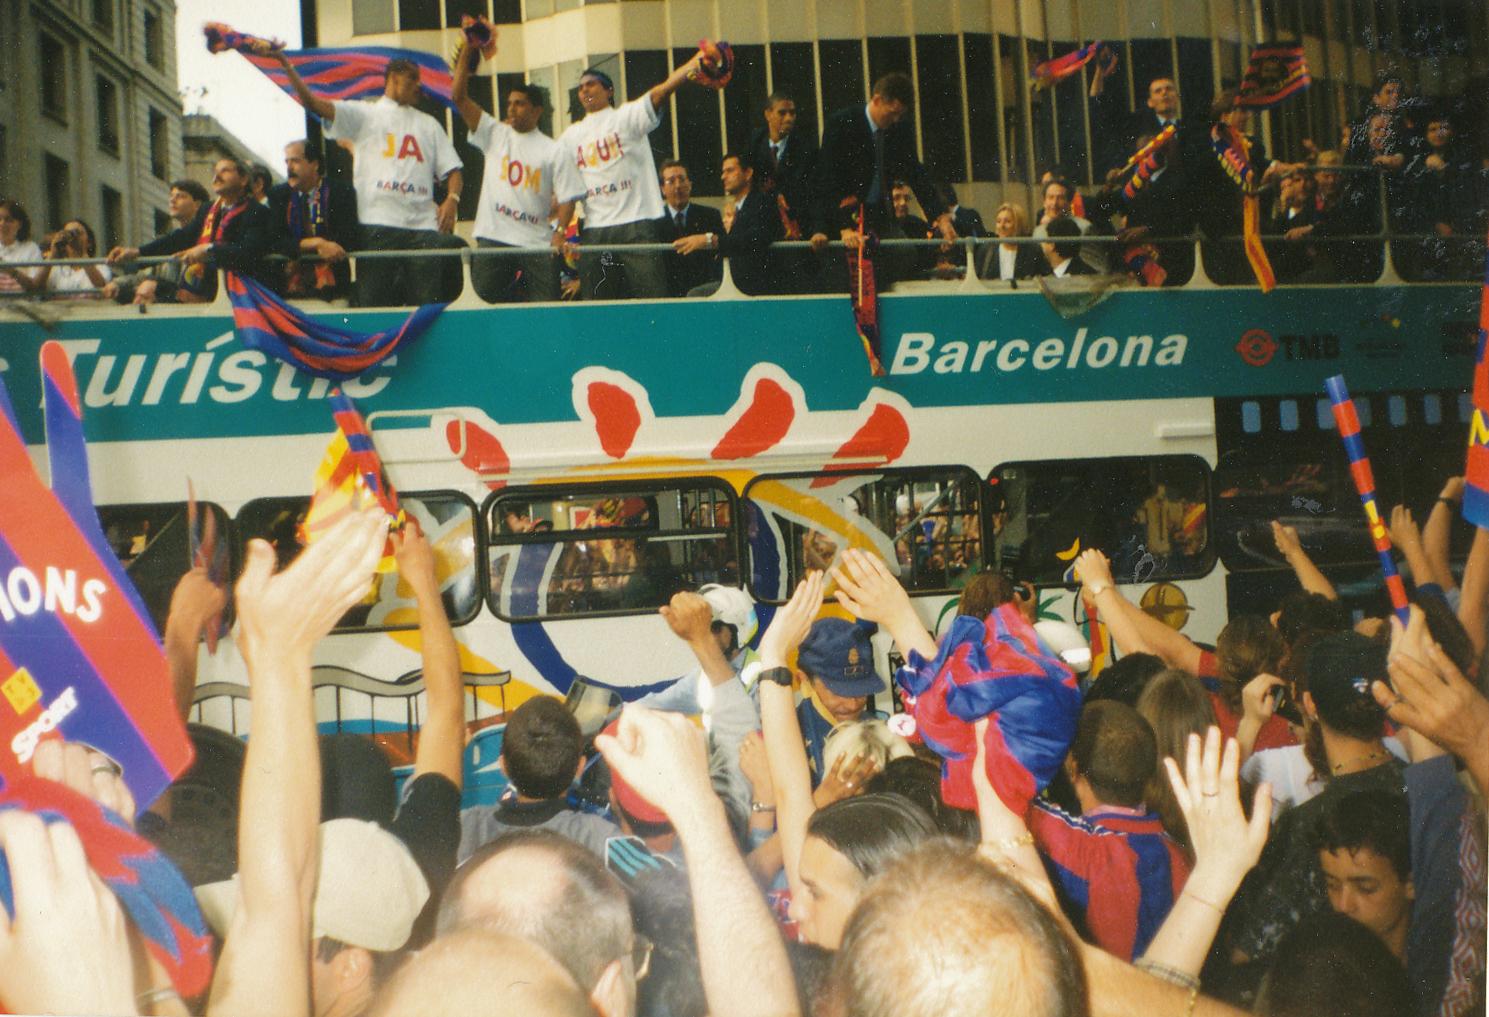 """Уличният парад с трите шампионски отбора на """"Барселона"""". С белите тениски са бразилските футболисти (от ляво на дясно) Ривалдо, Сони Андерсон и Джовани. Снимка: Авторът"""